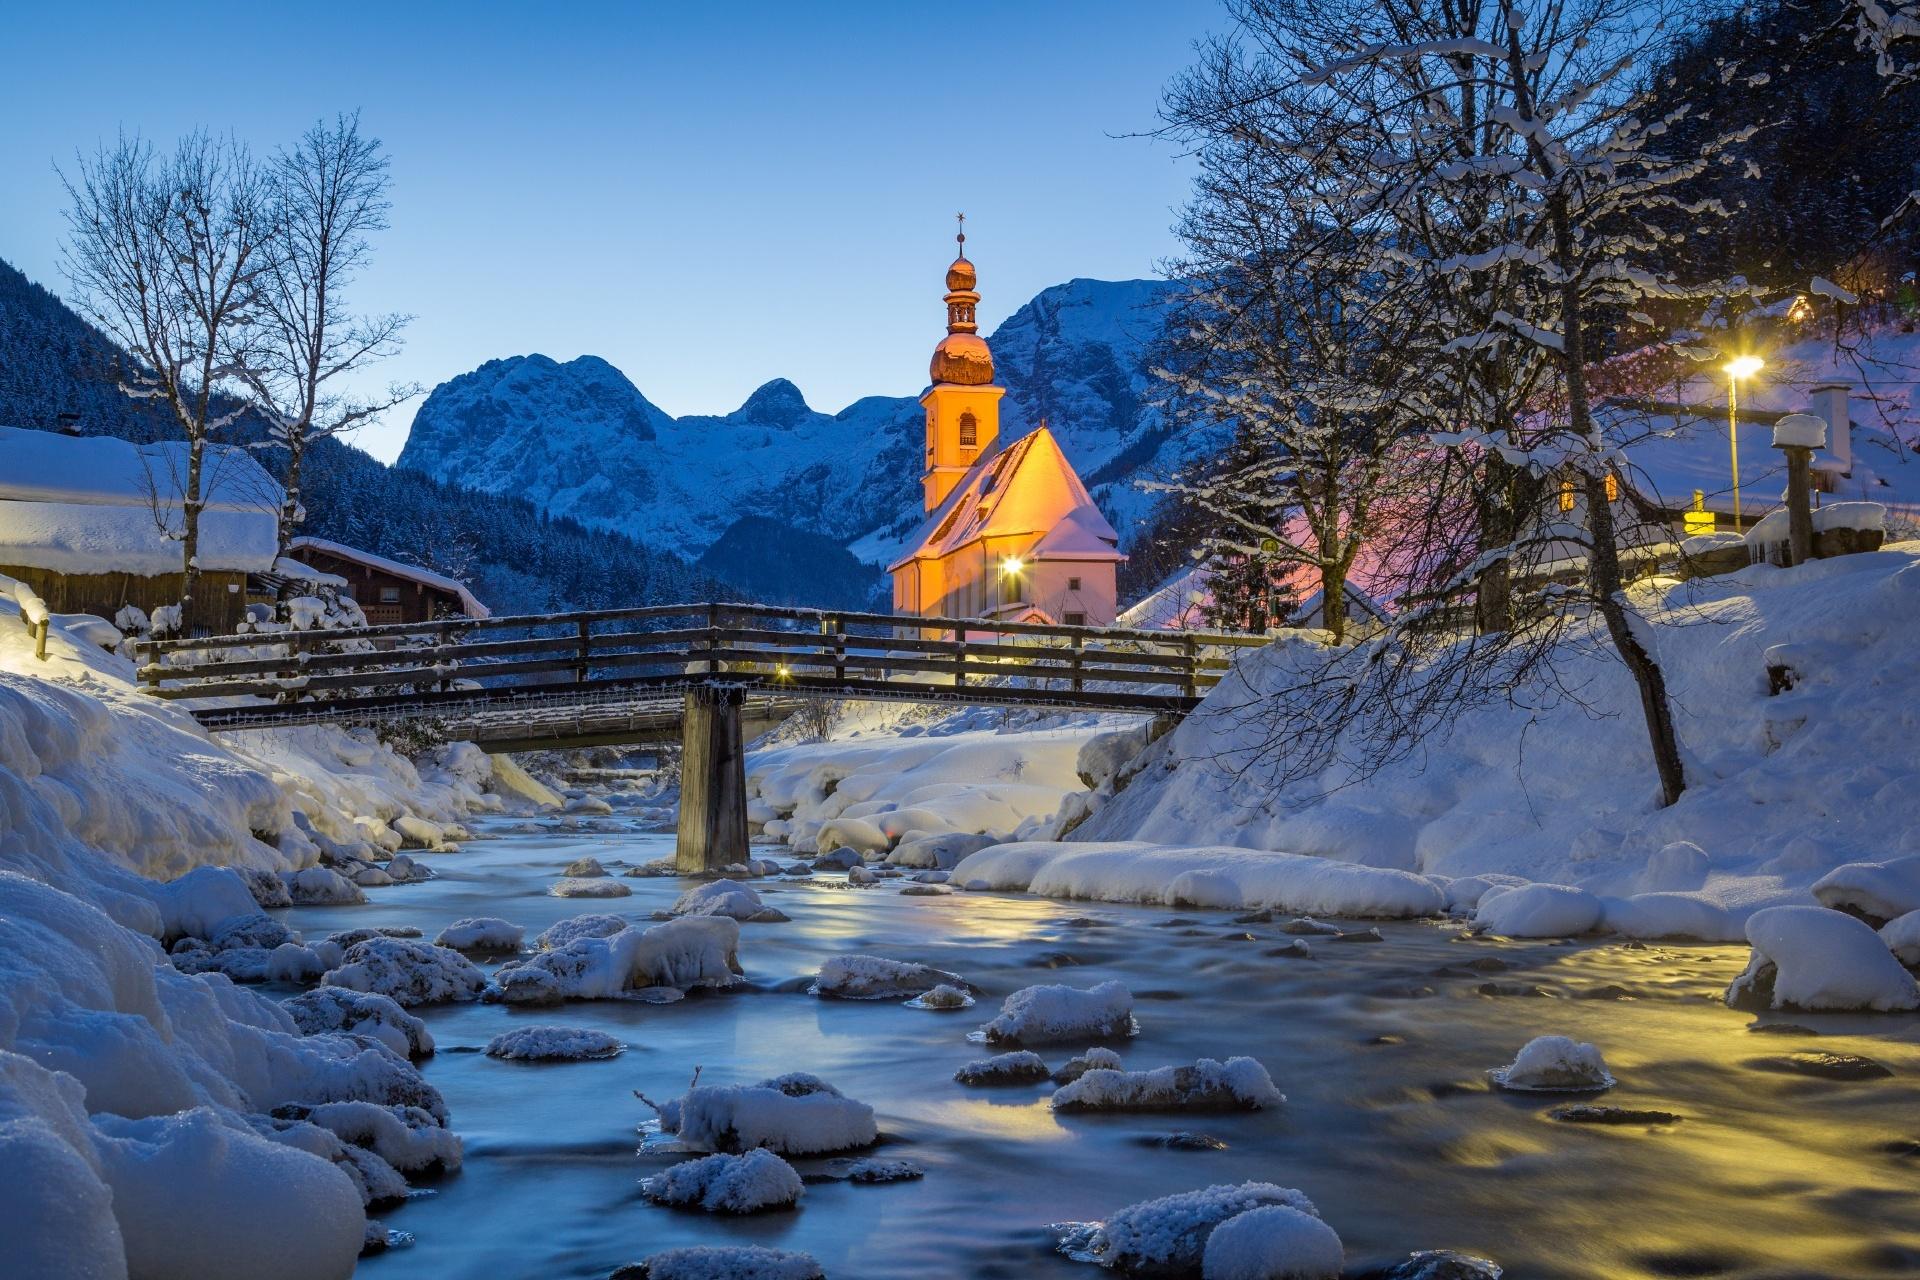 冬の夜のドイツ・バイエルン州 ベルヒテスガーデナー・ラント郡